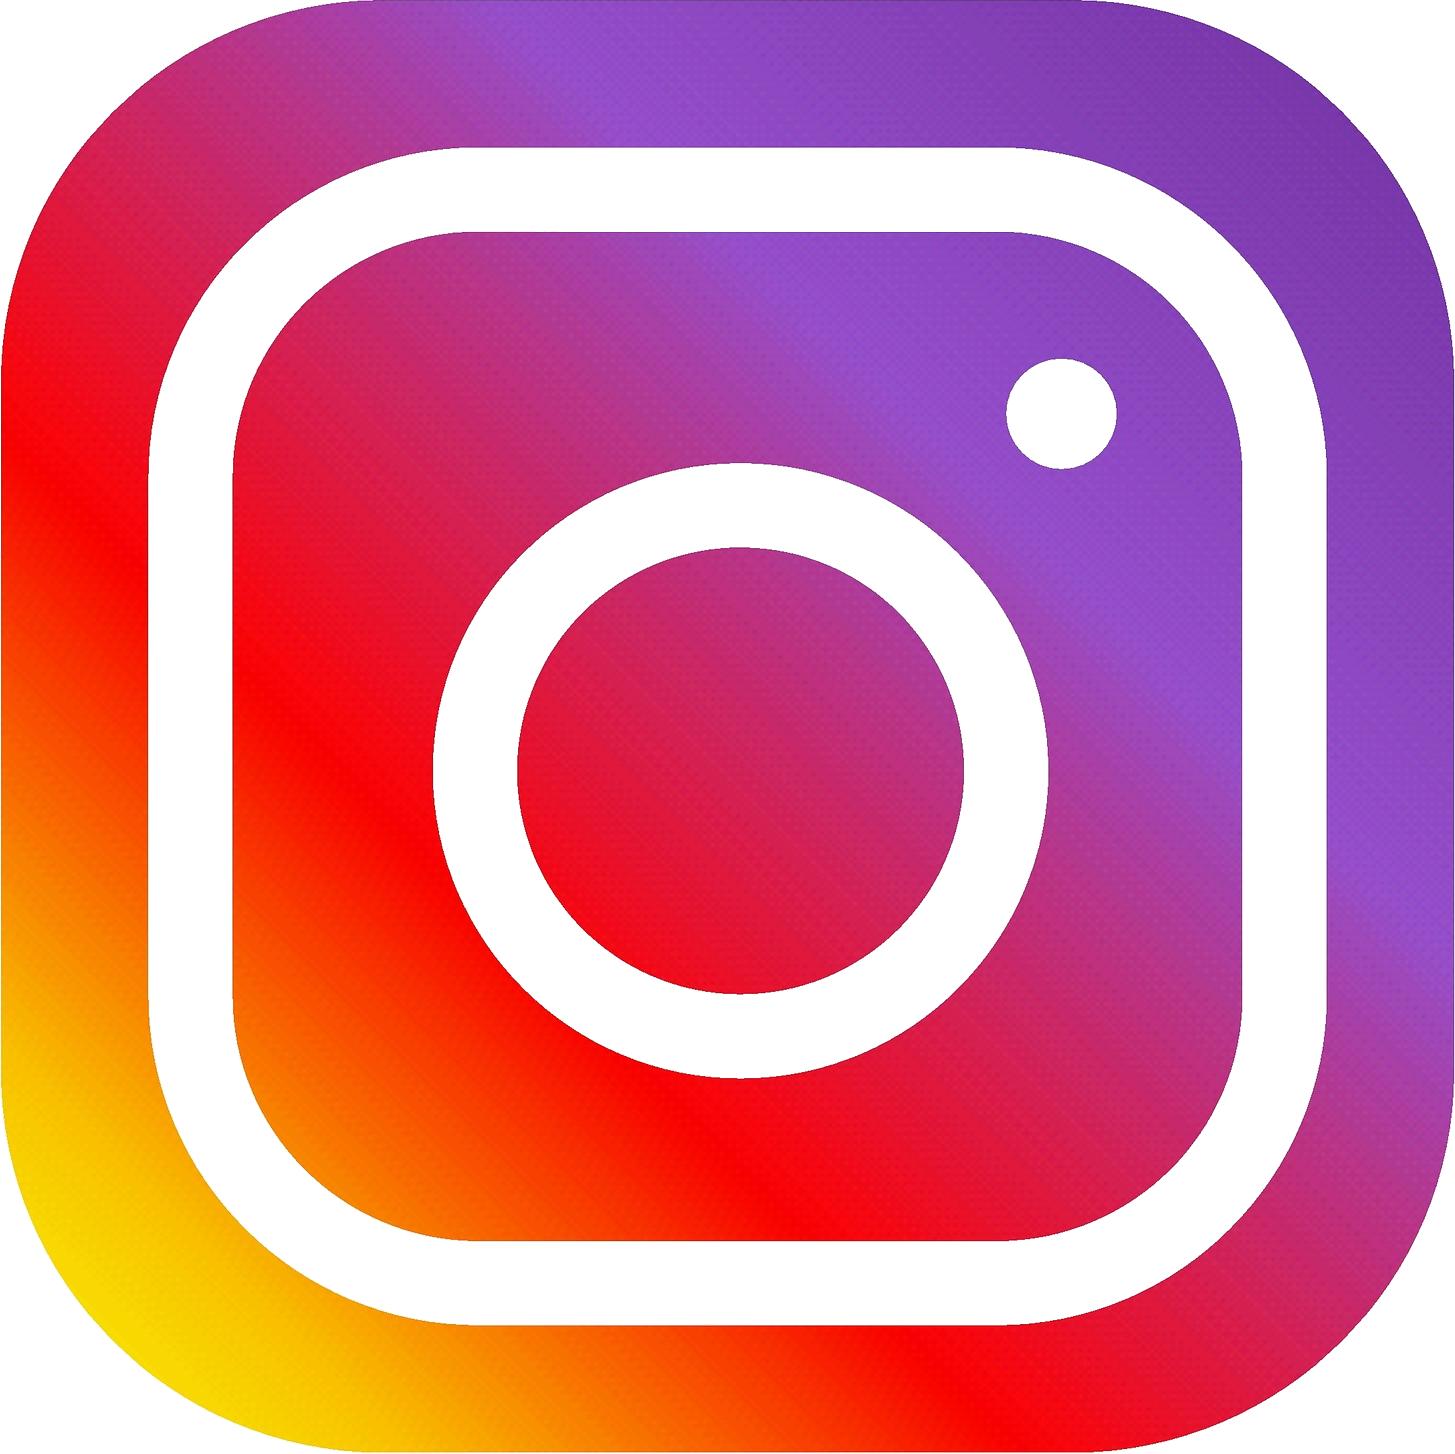 Bildergebnis für instagram logo